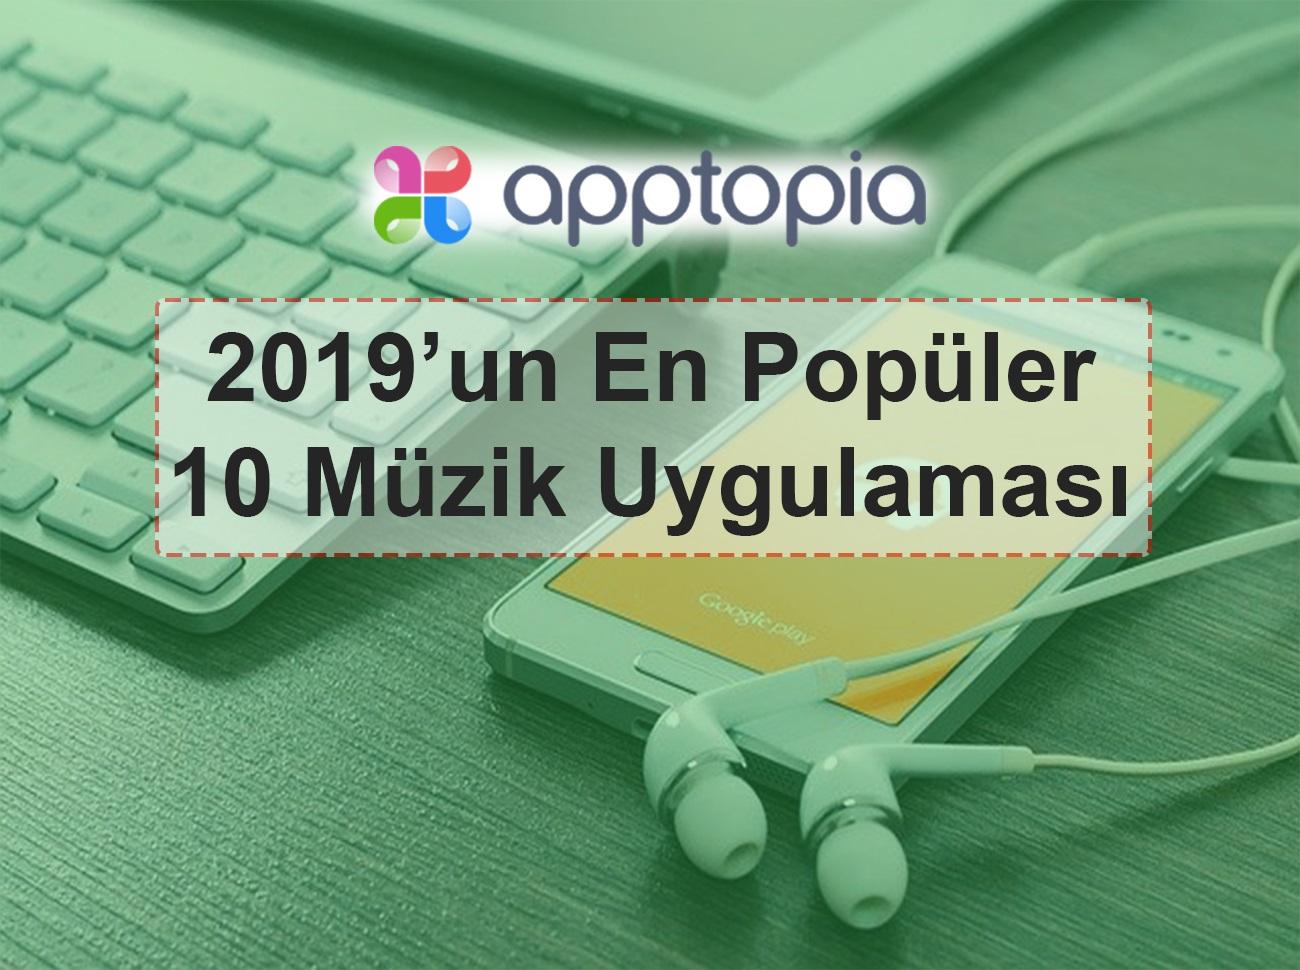 2019'un En Popüler 10 Müzik Uygulaması